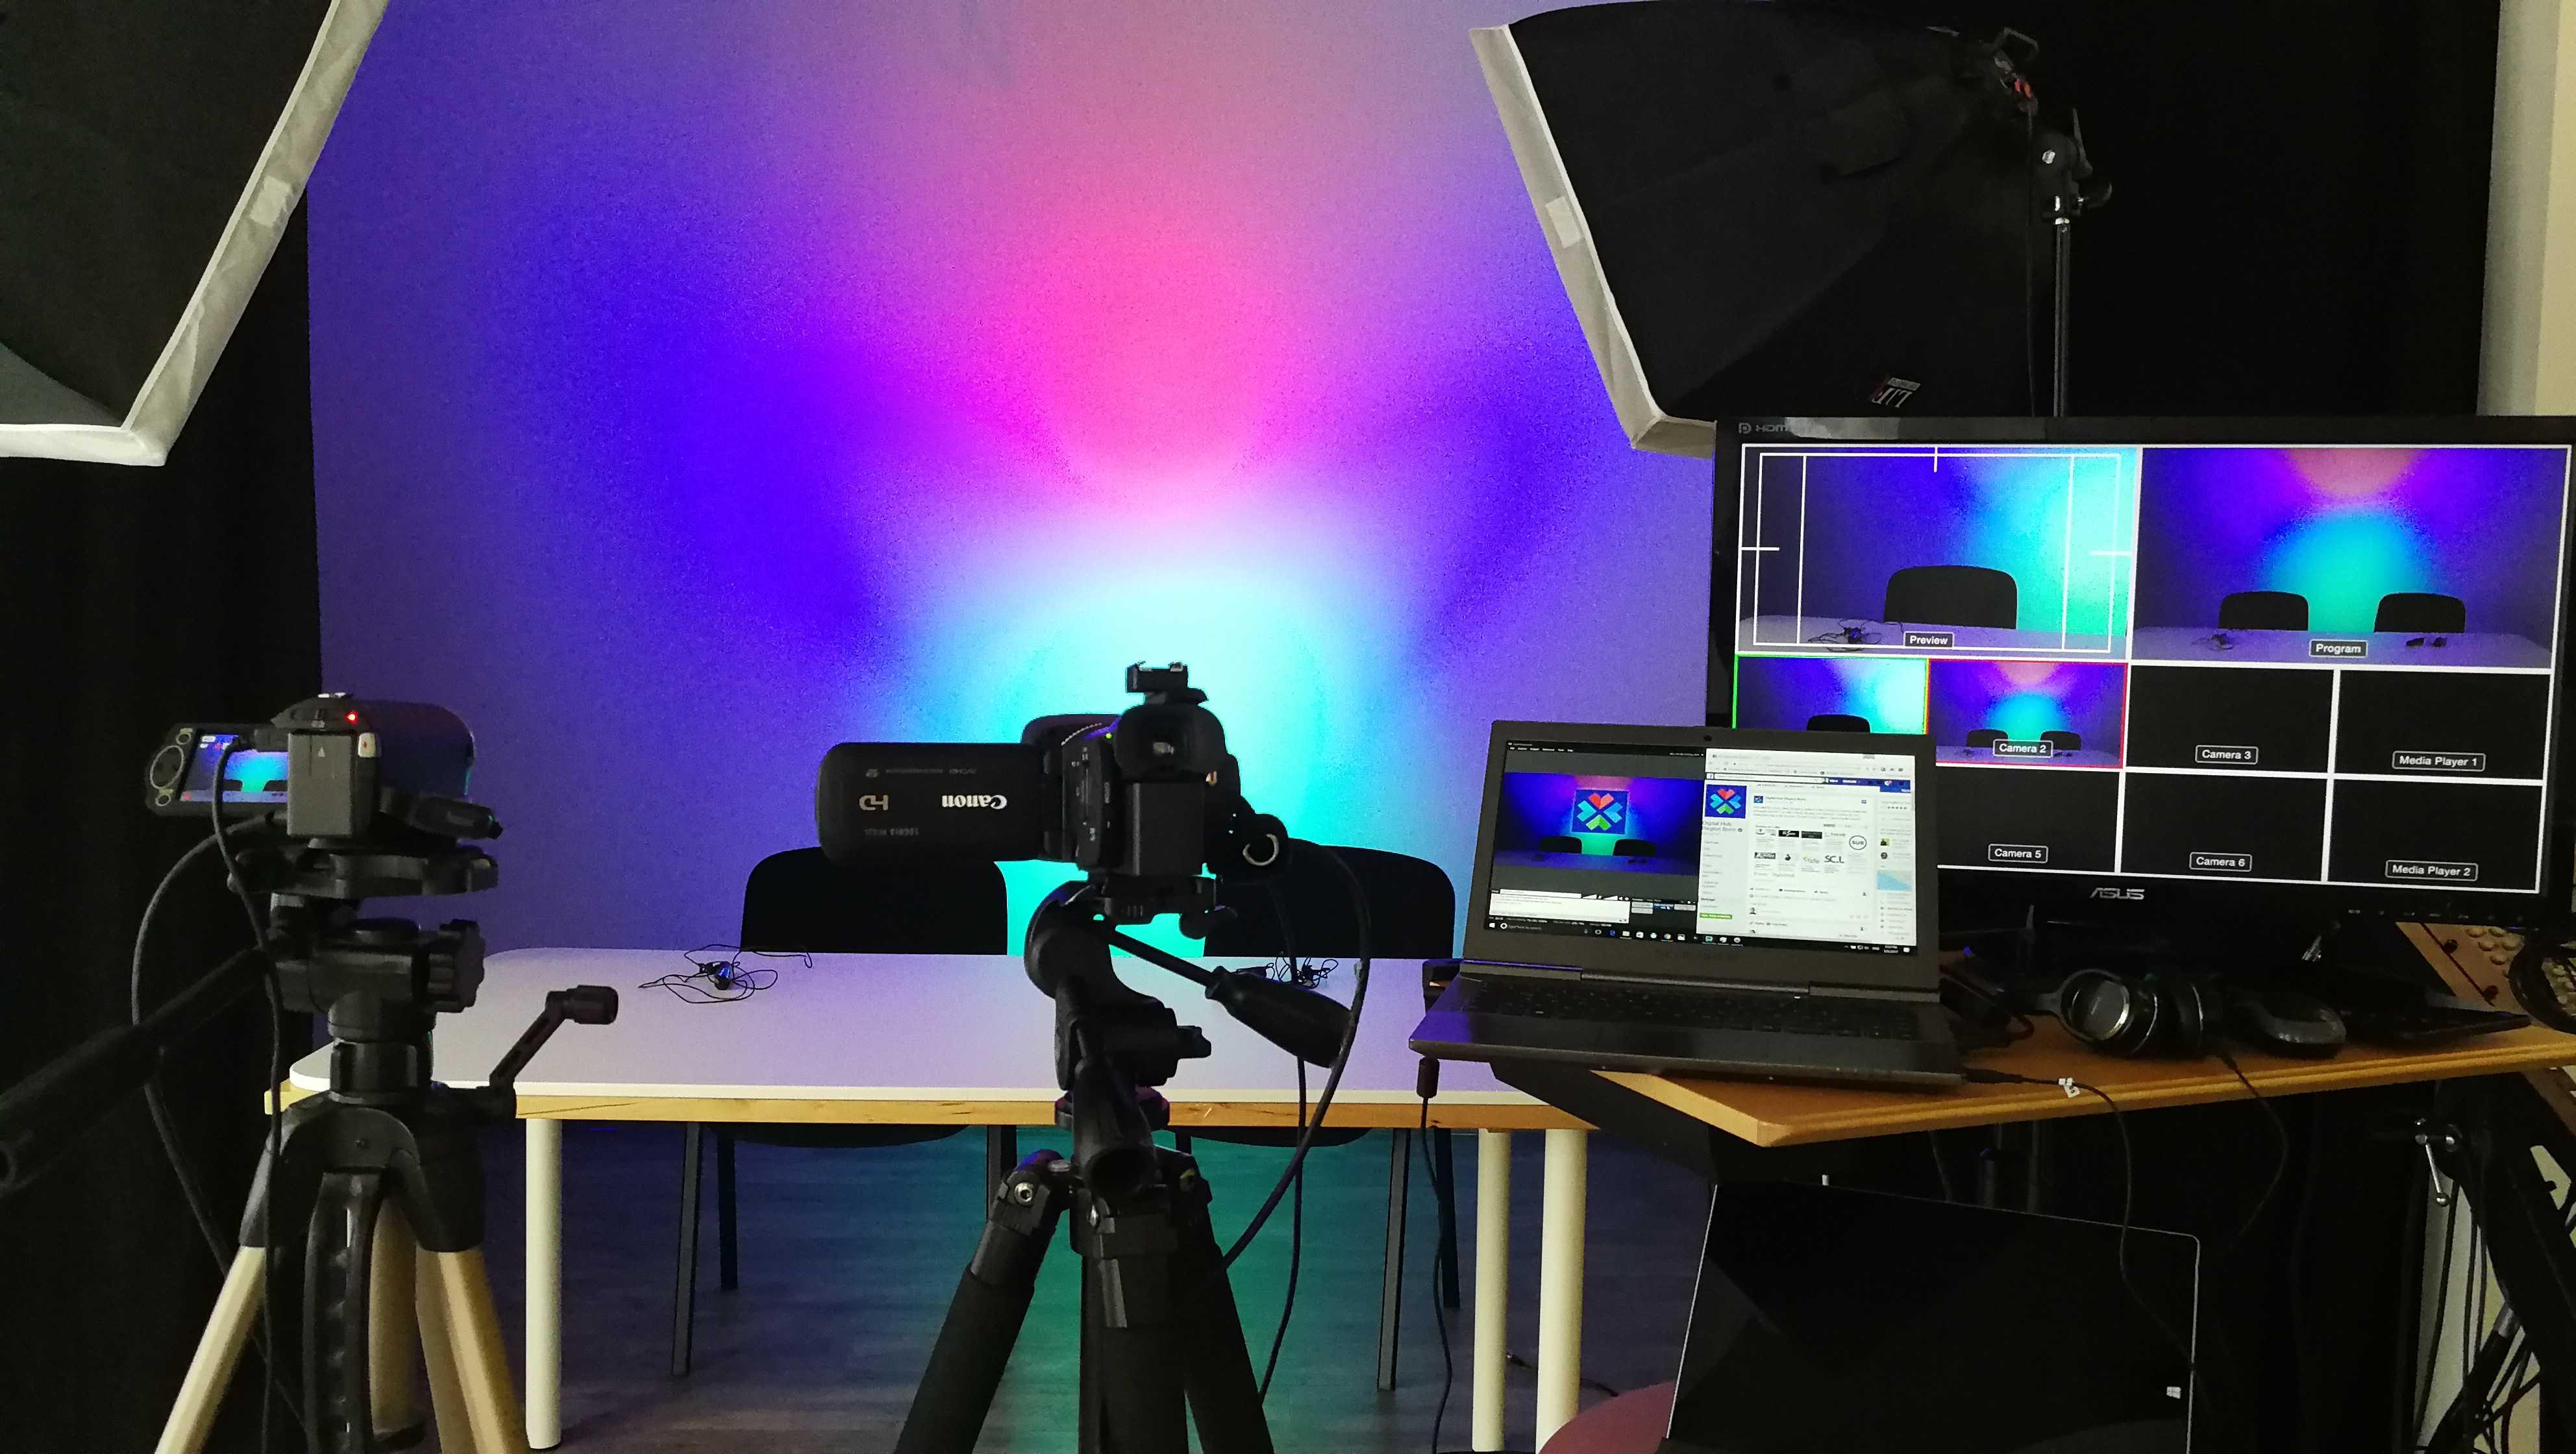 Multicam streaming setup